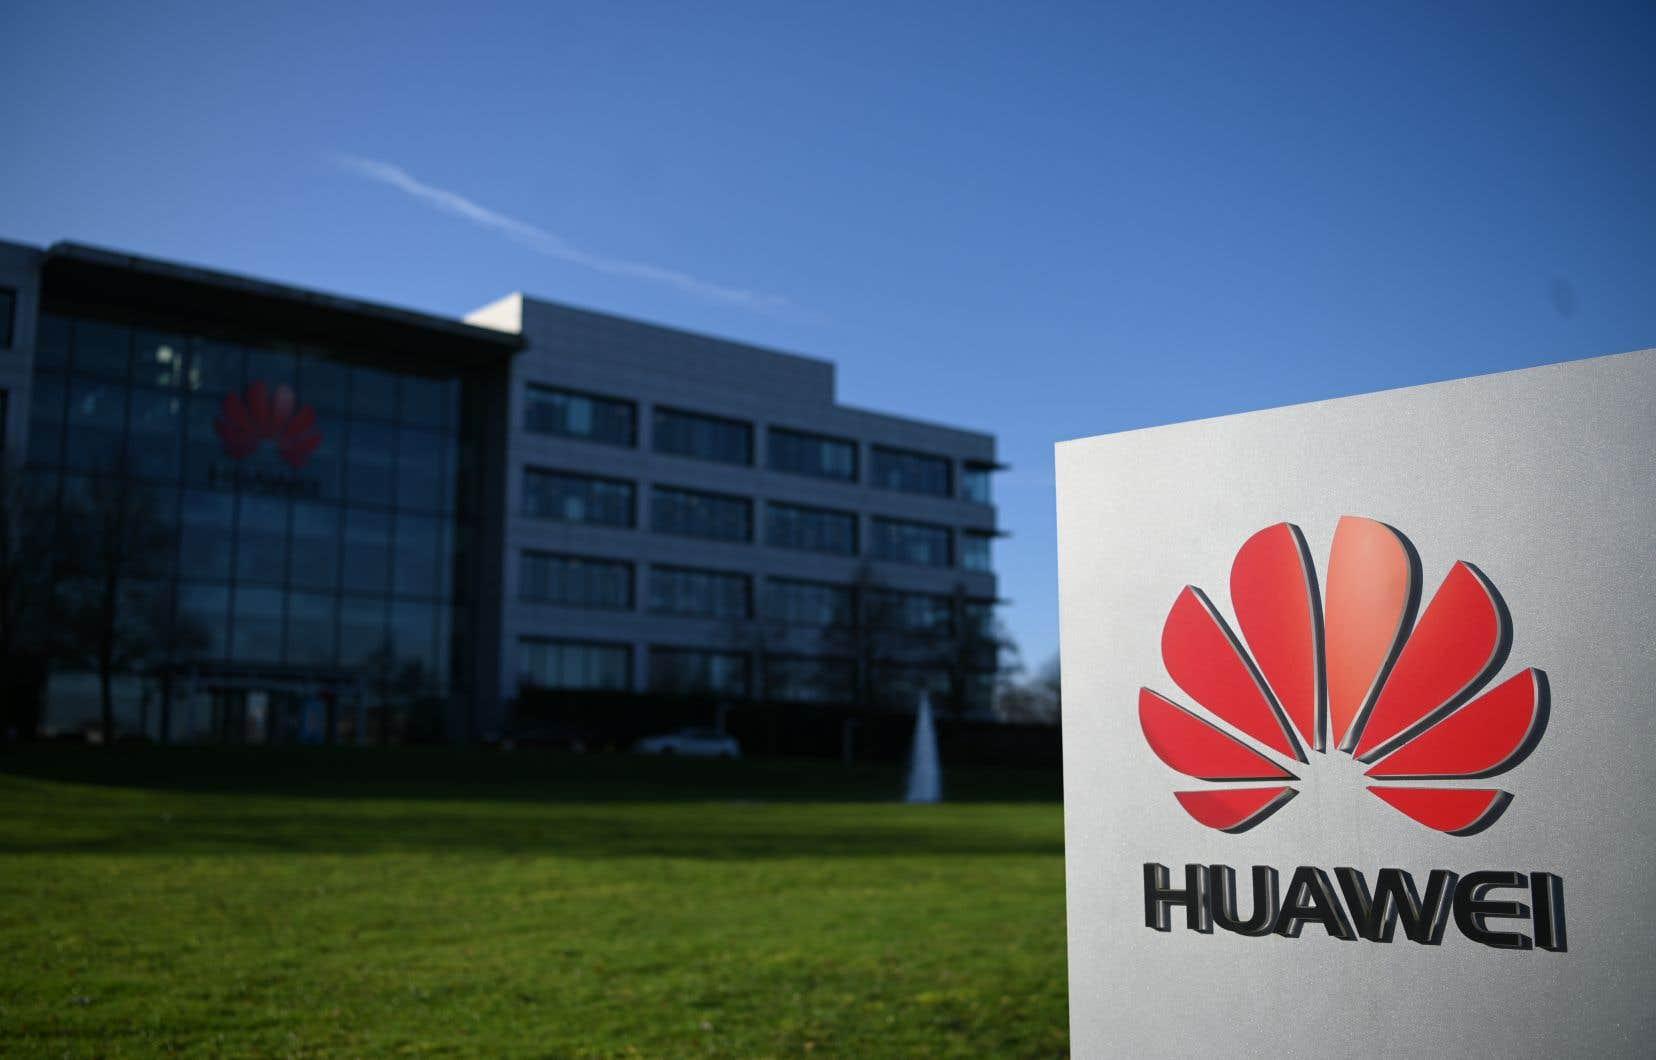 Huawei s'est aussitôt dit «rassuré par la confirmation du gouvernement britannique que nous pouvons continuer à travailler avec nos clients afin de poursuivre le déploiement de la 5G».